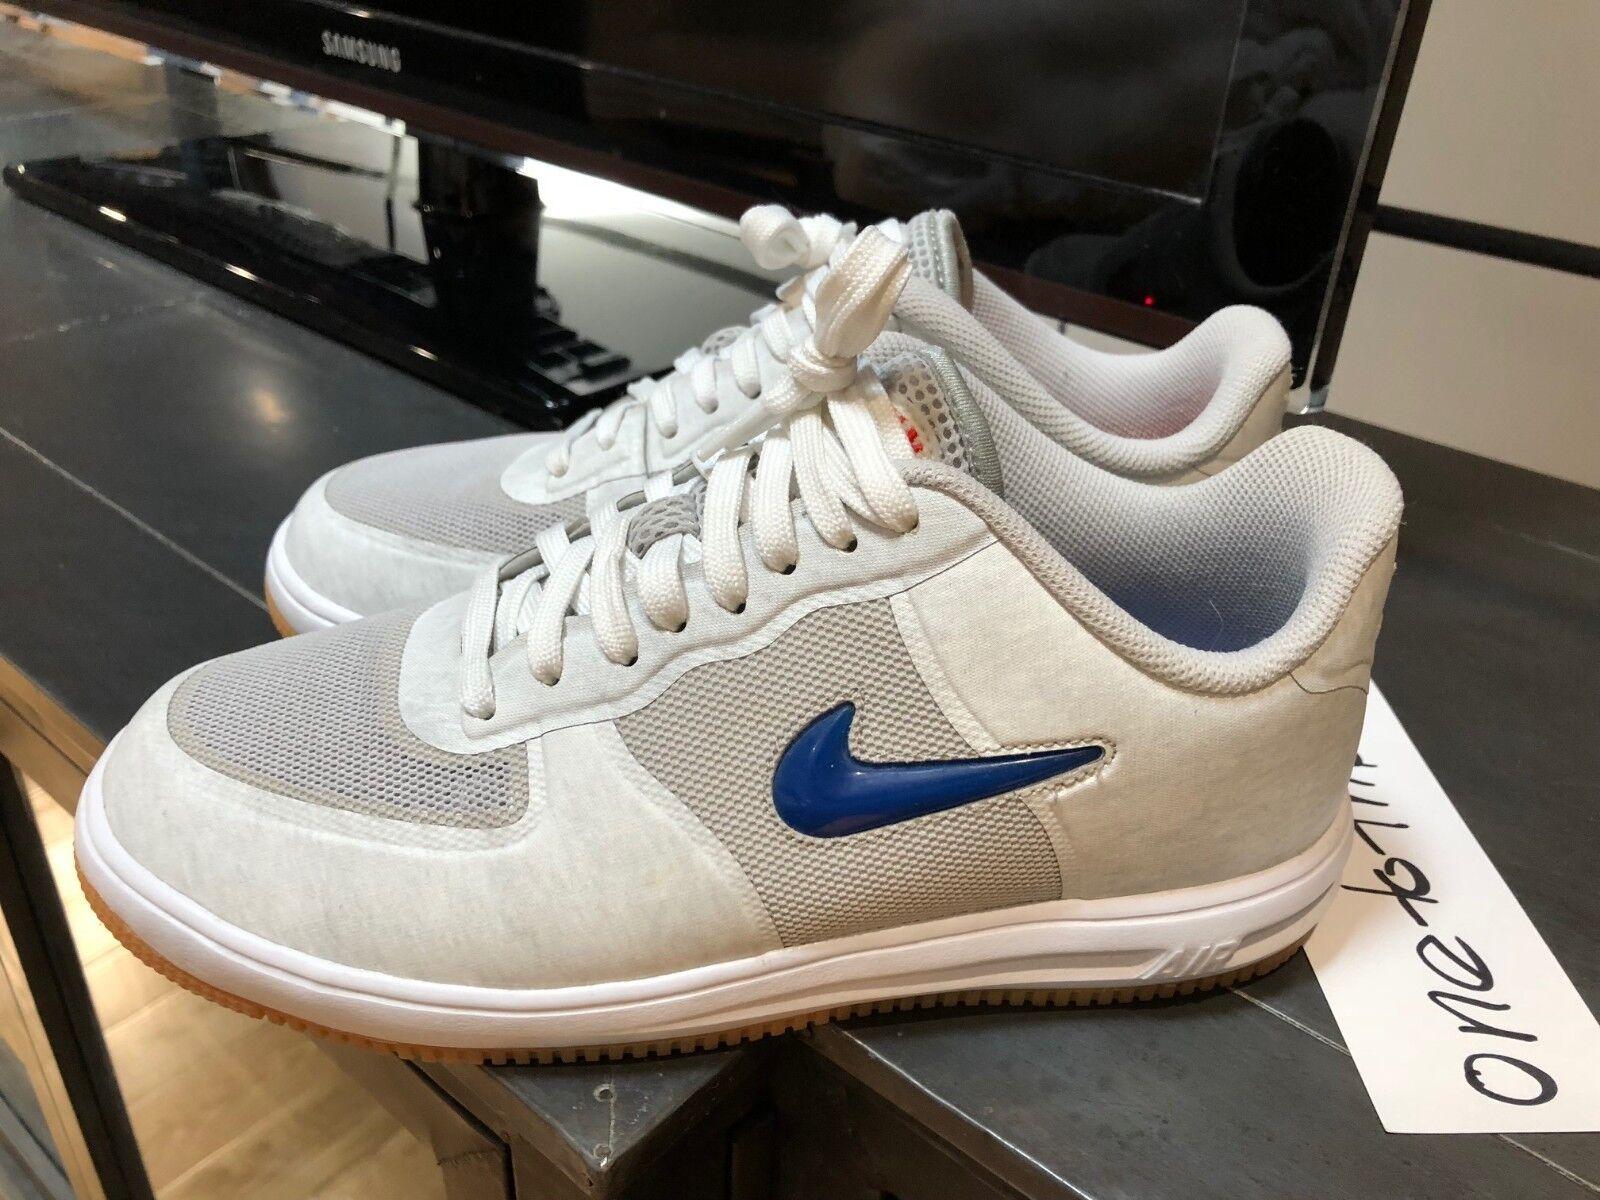 Nike Clot Lunar Air Force 1 US Men's Size 7 717303-064